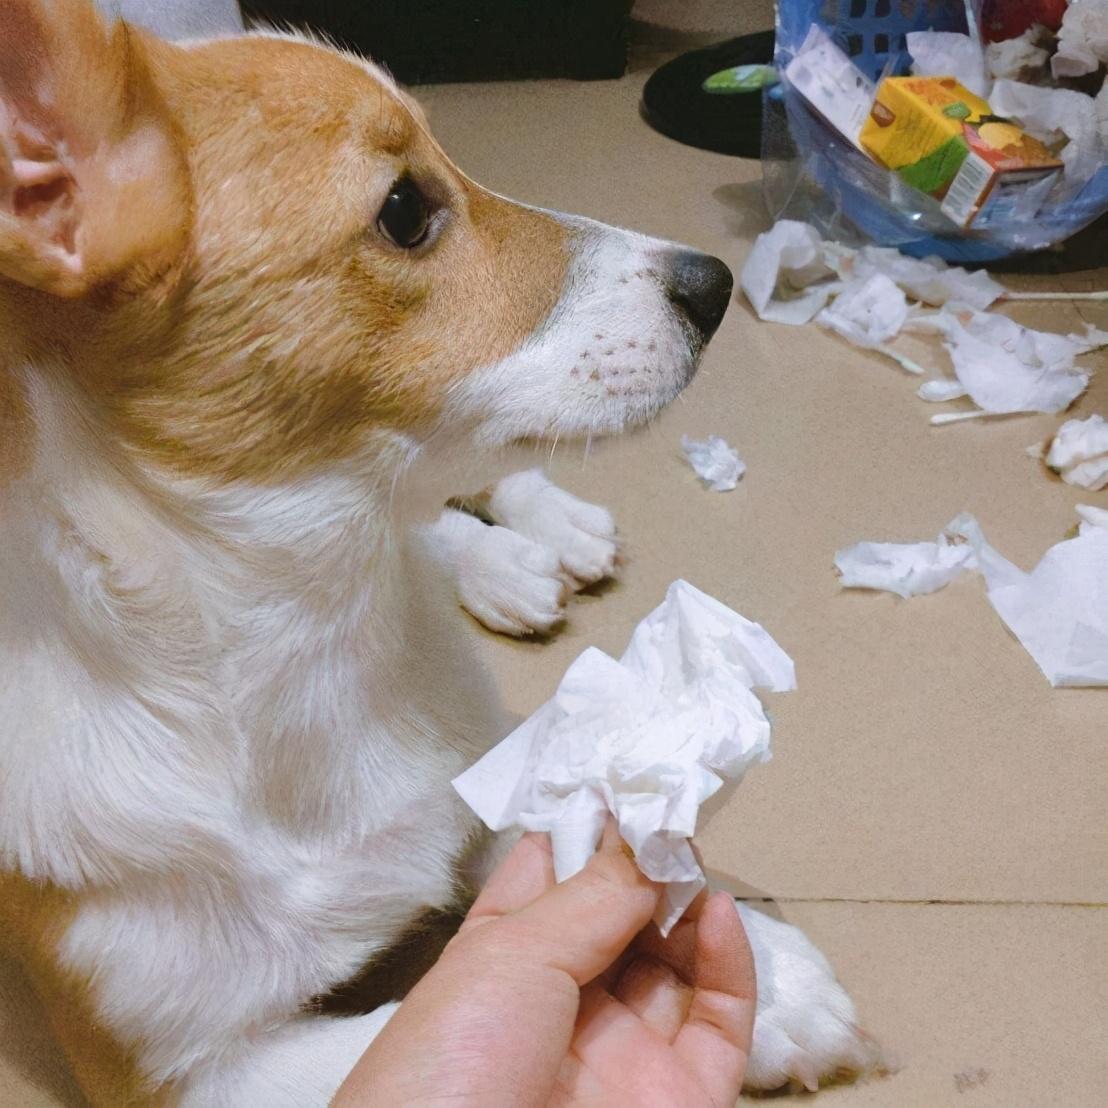 狗狗犯错后会有什么行为,真是戏精般的狗生